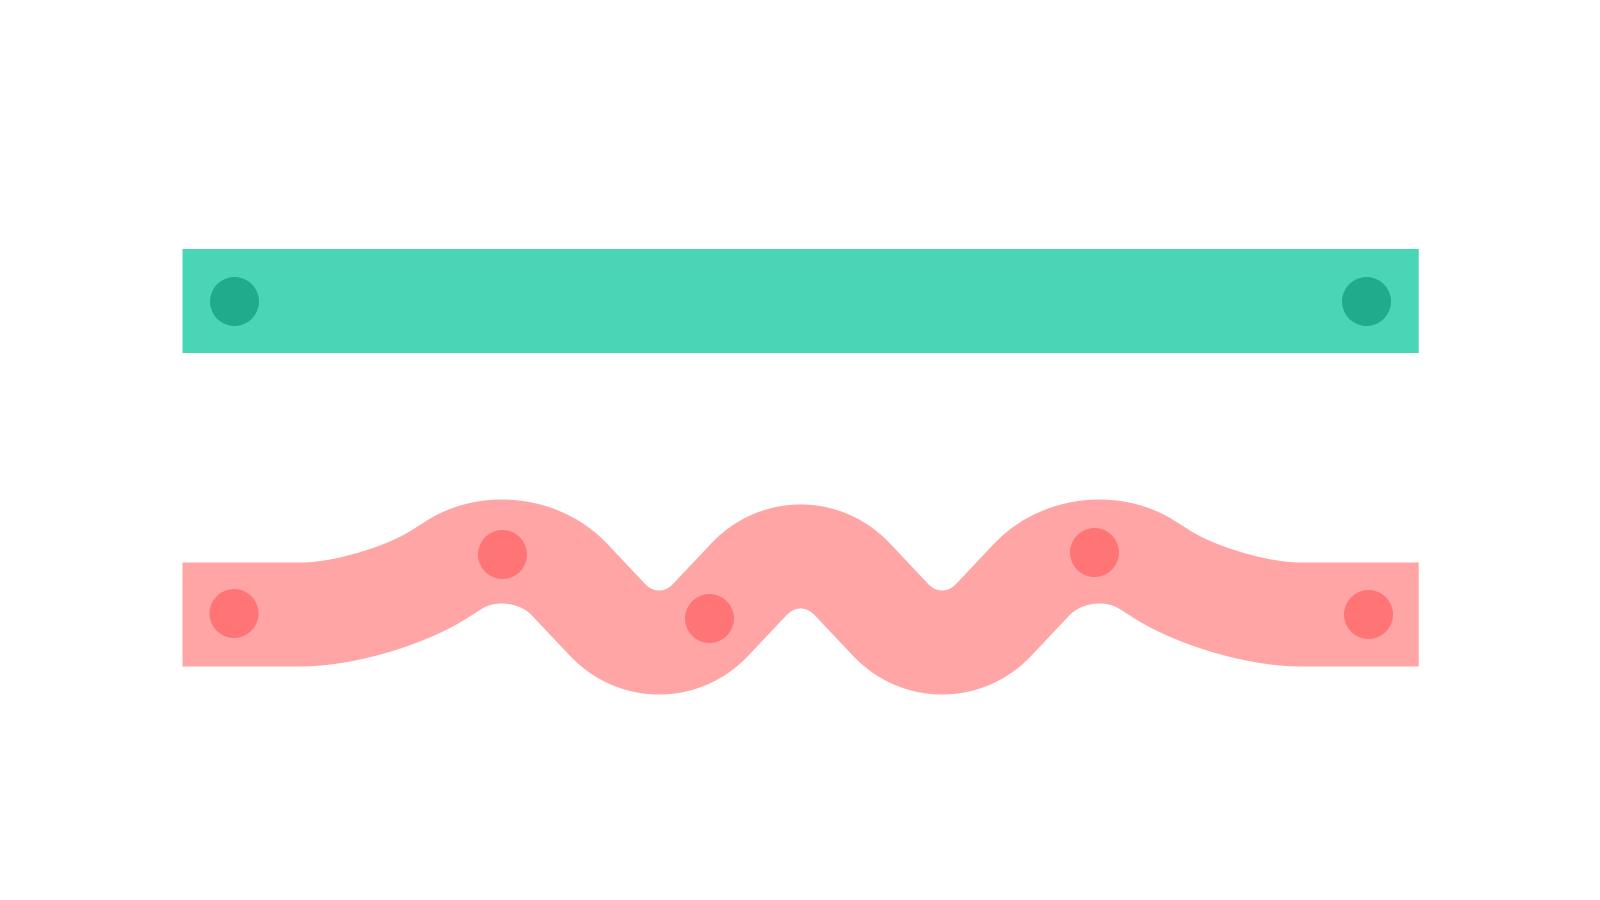 交互概念设计 – 在错误中曲线学习